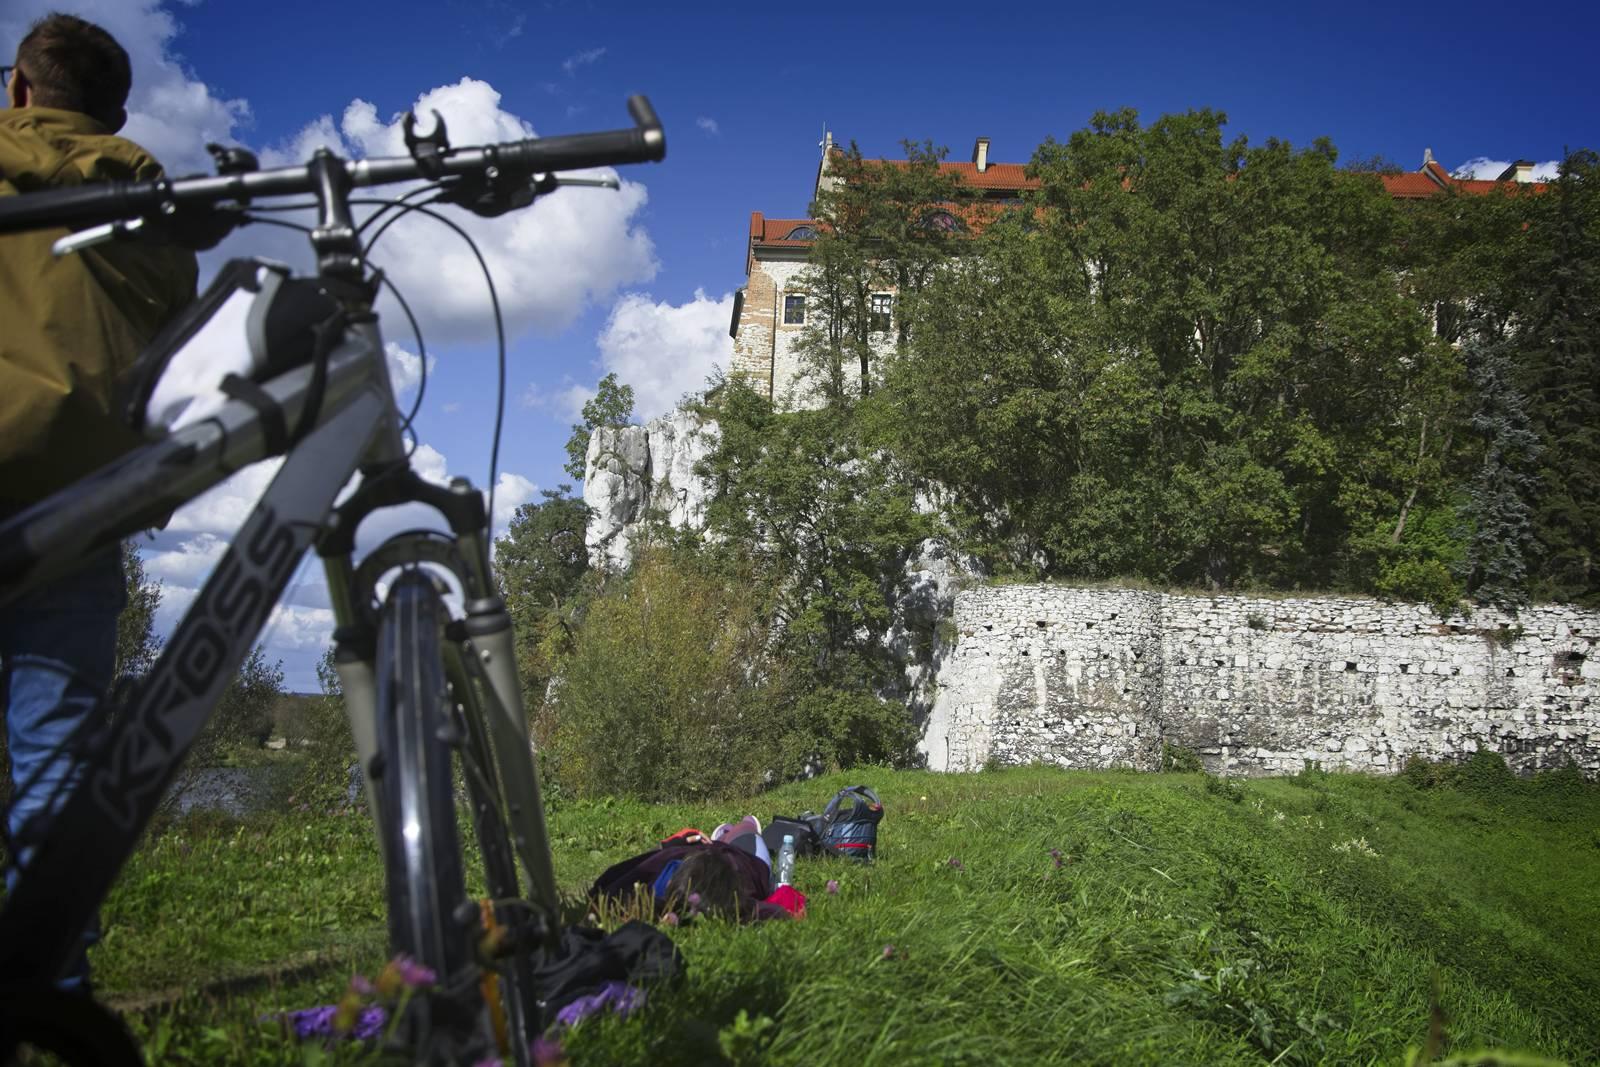 velo malopolska tynies trasa rowerowa wzdluz wisly